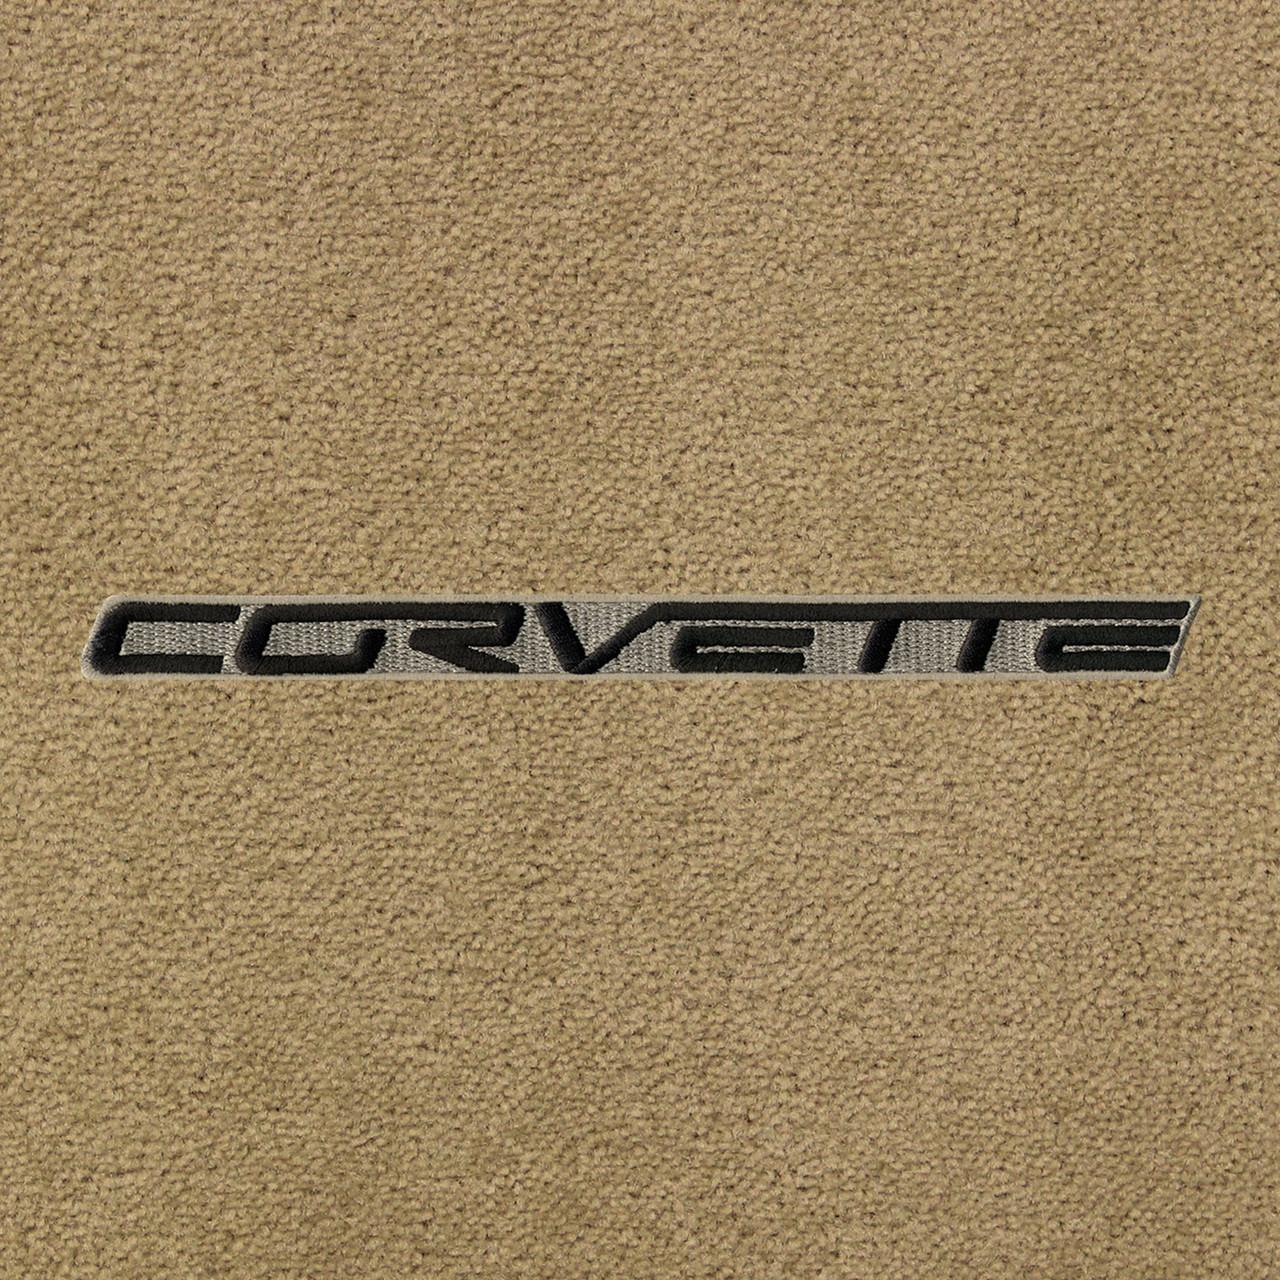 C6 Black Lettering on Beige Background, Cashmere Mat